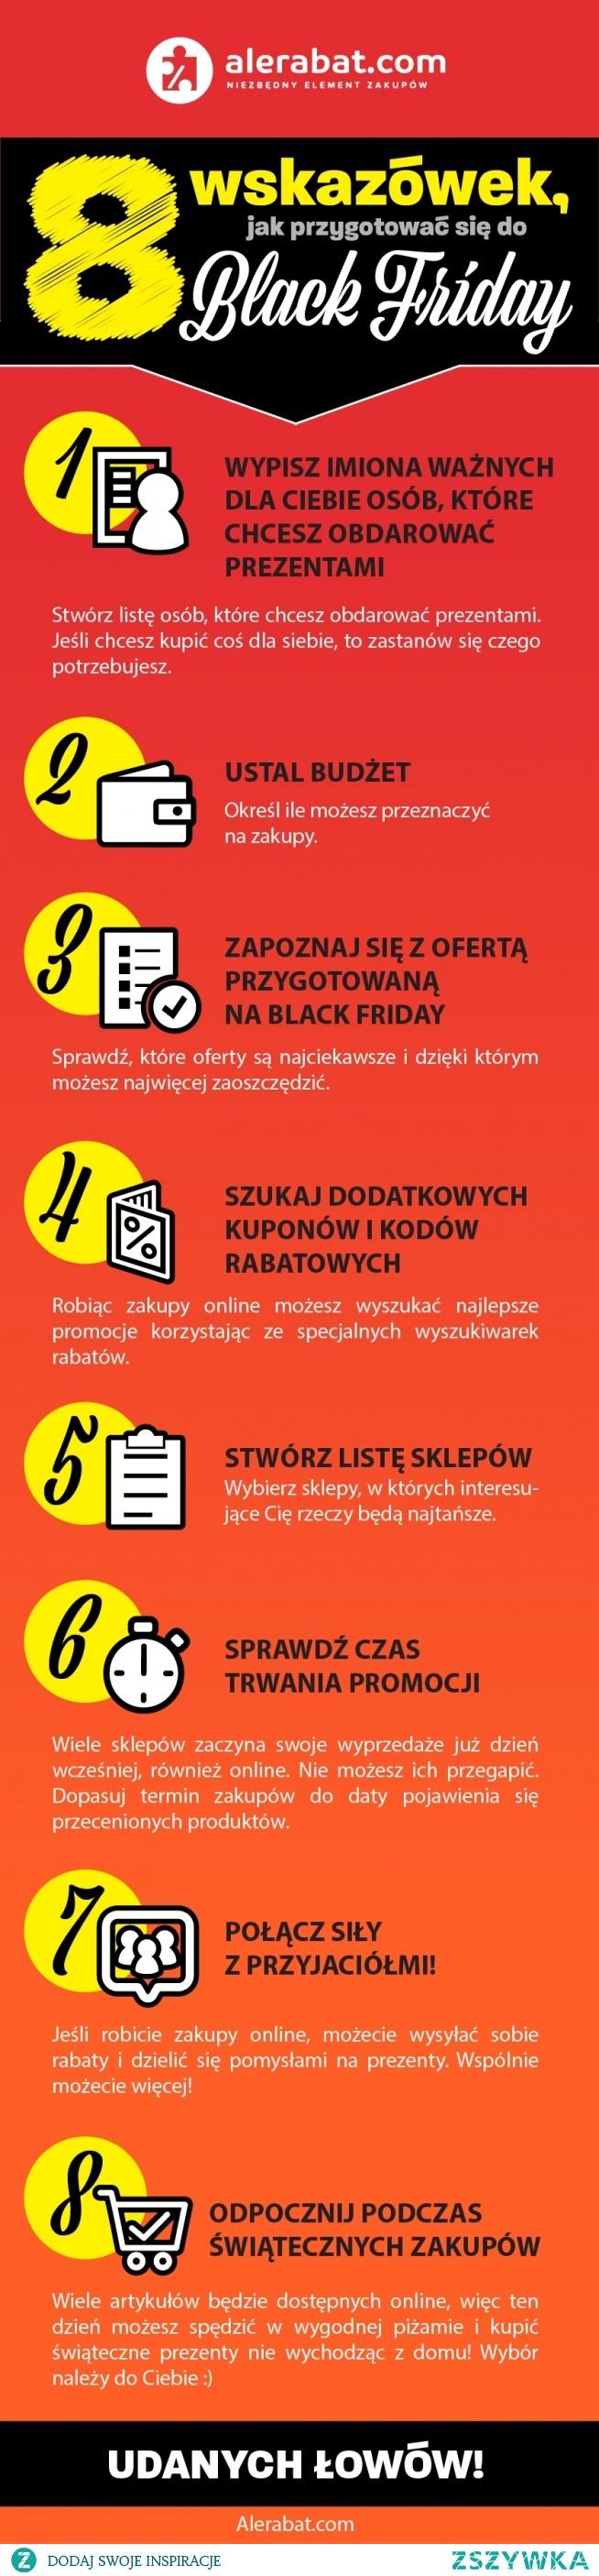 8 wskazówek jak przygotować się na Black Friday - infografika